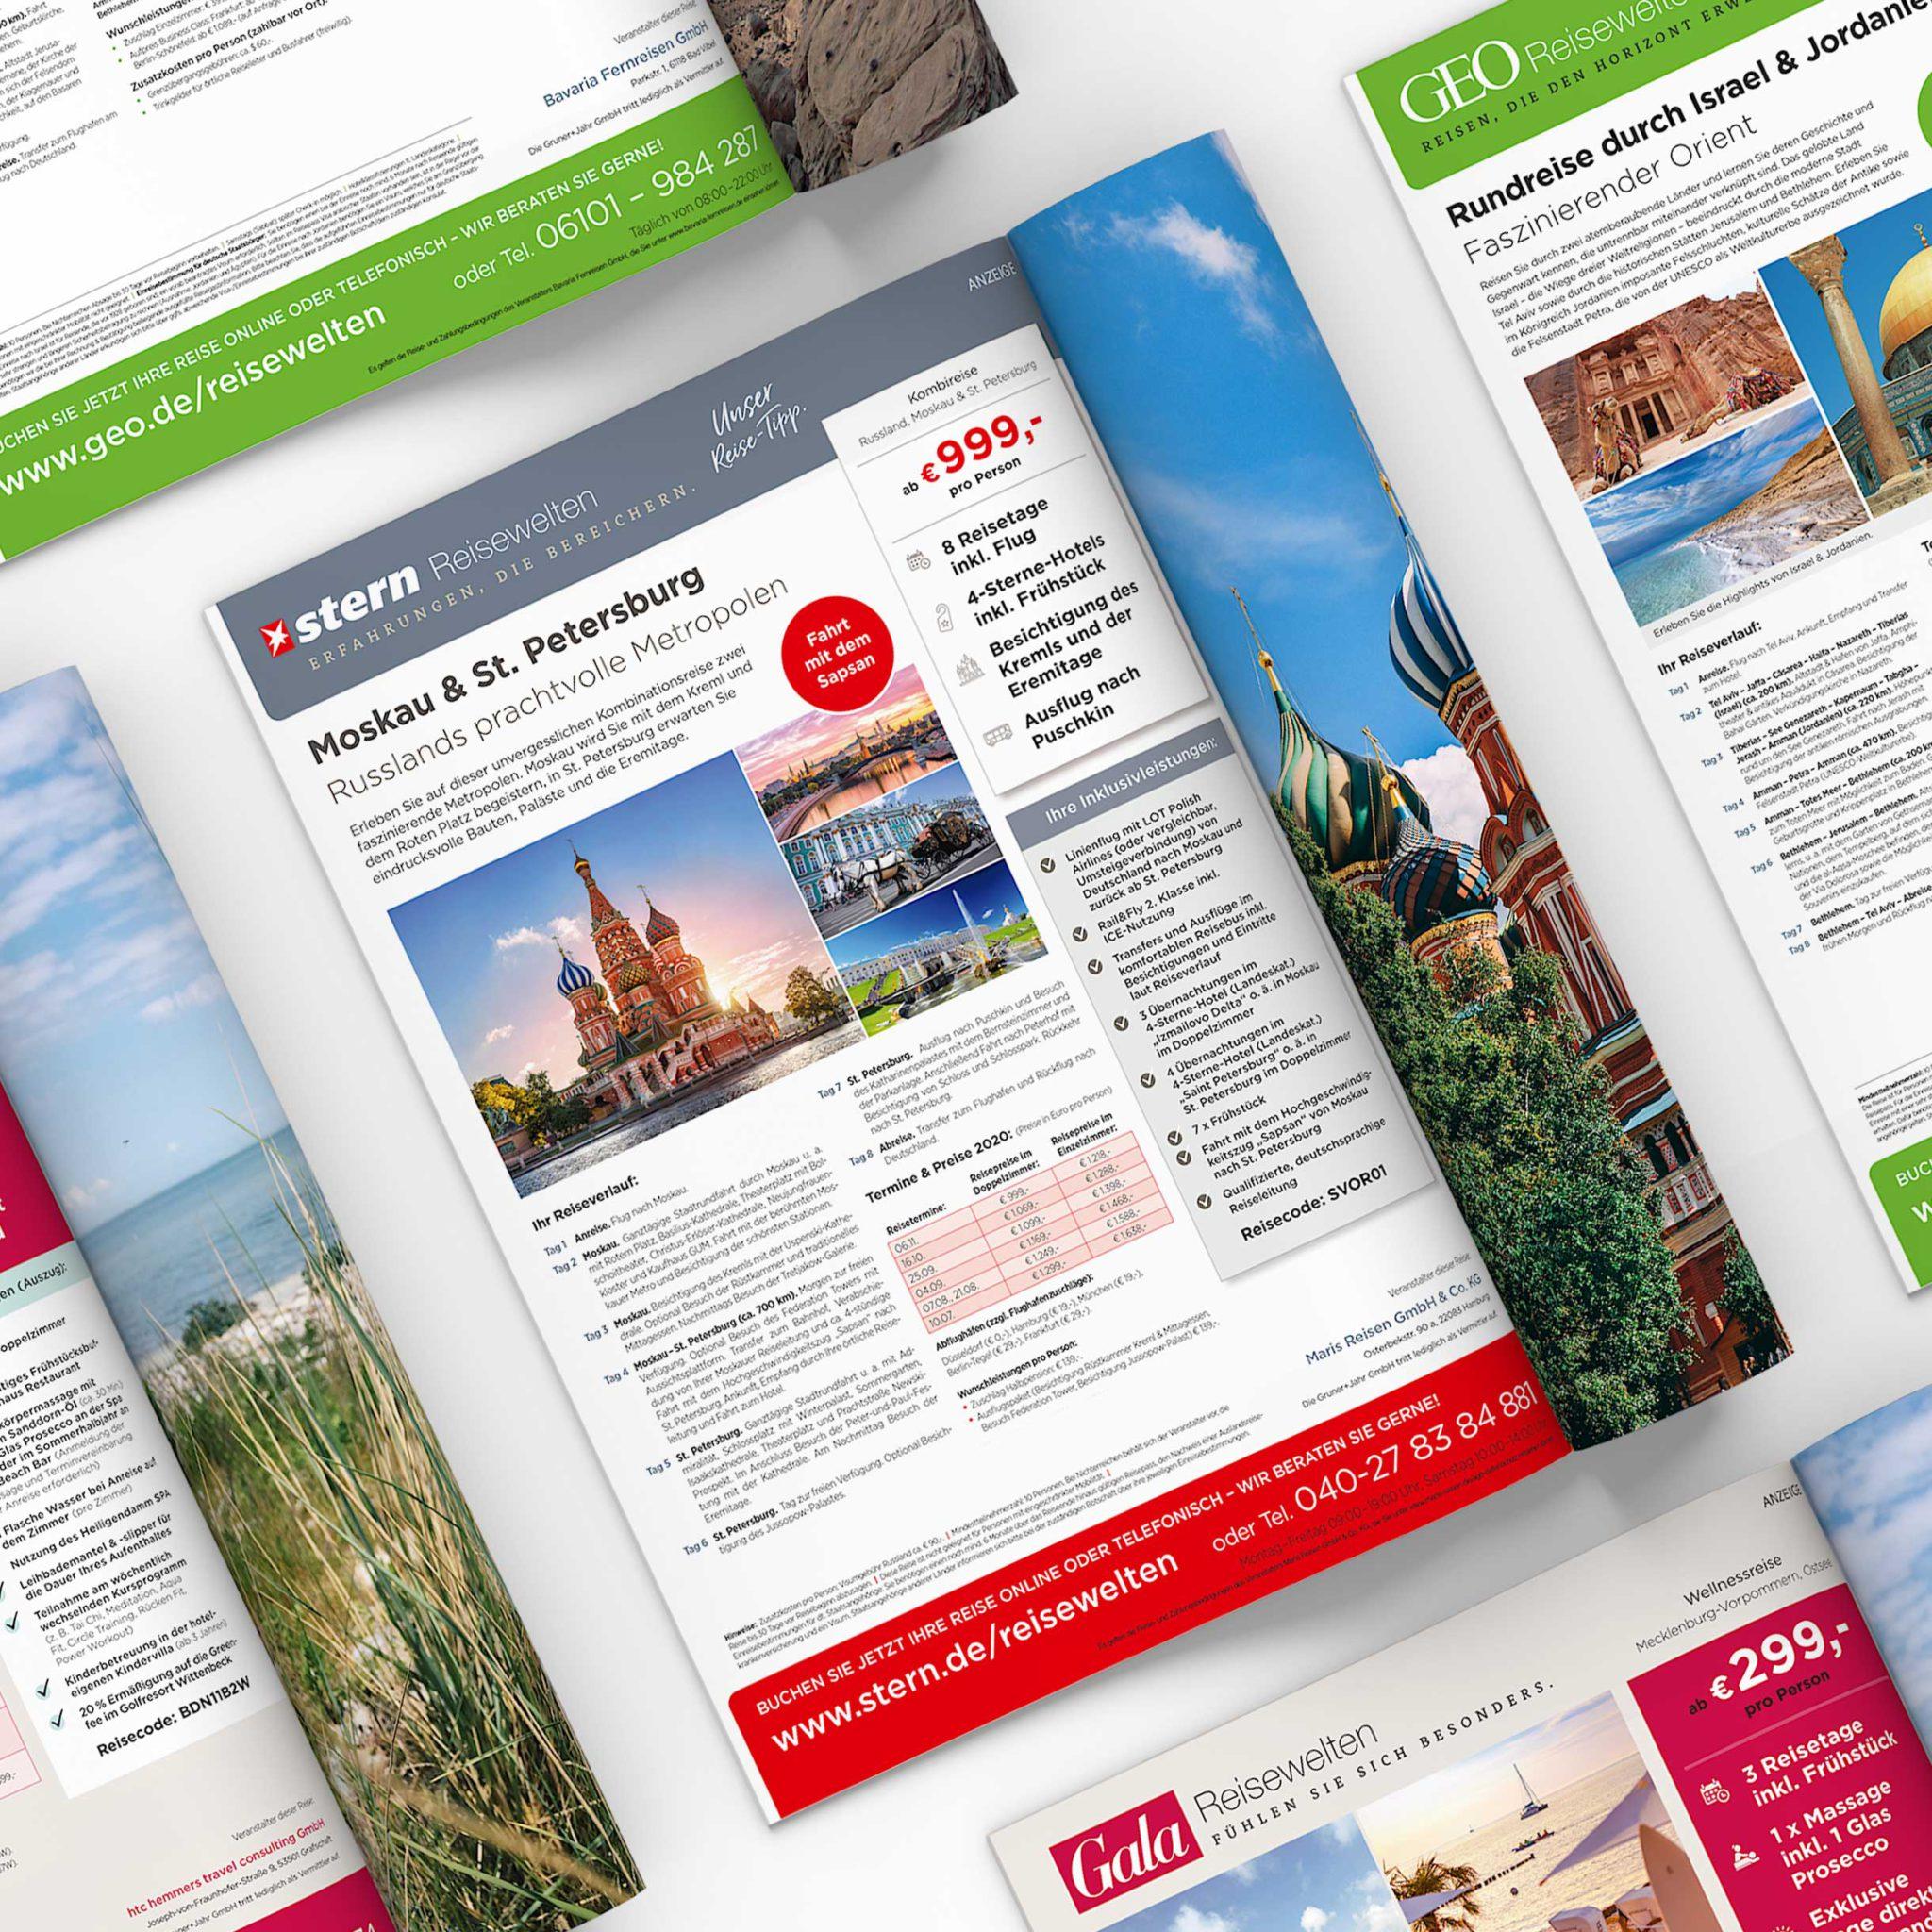 Gruner+Jahr Reisewelten